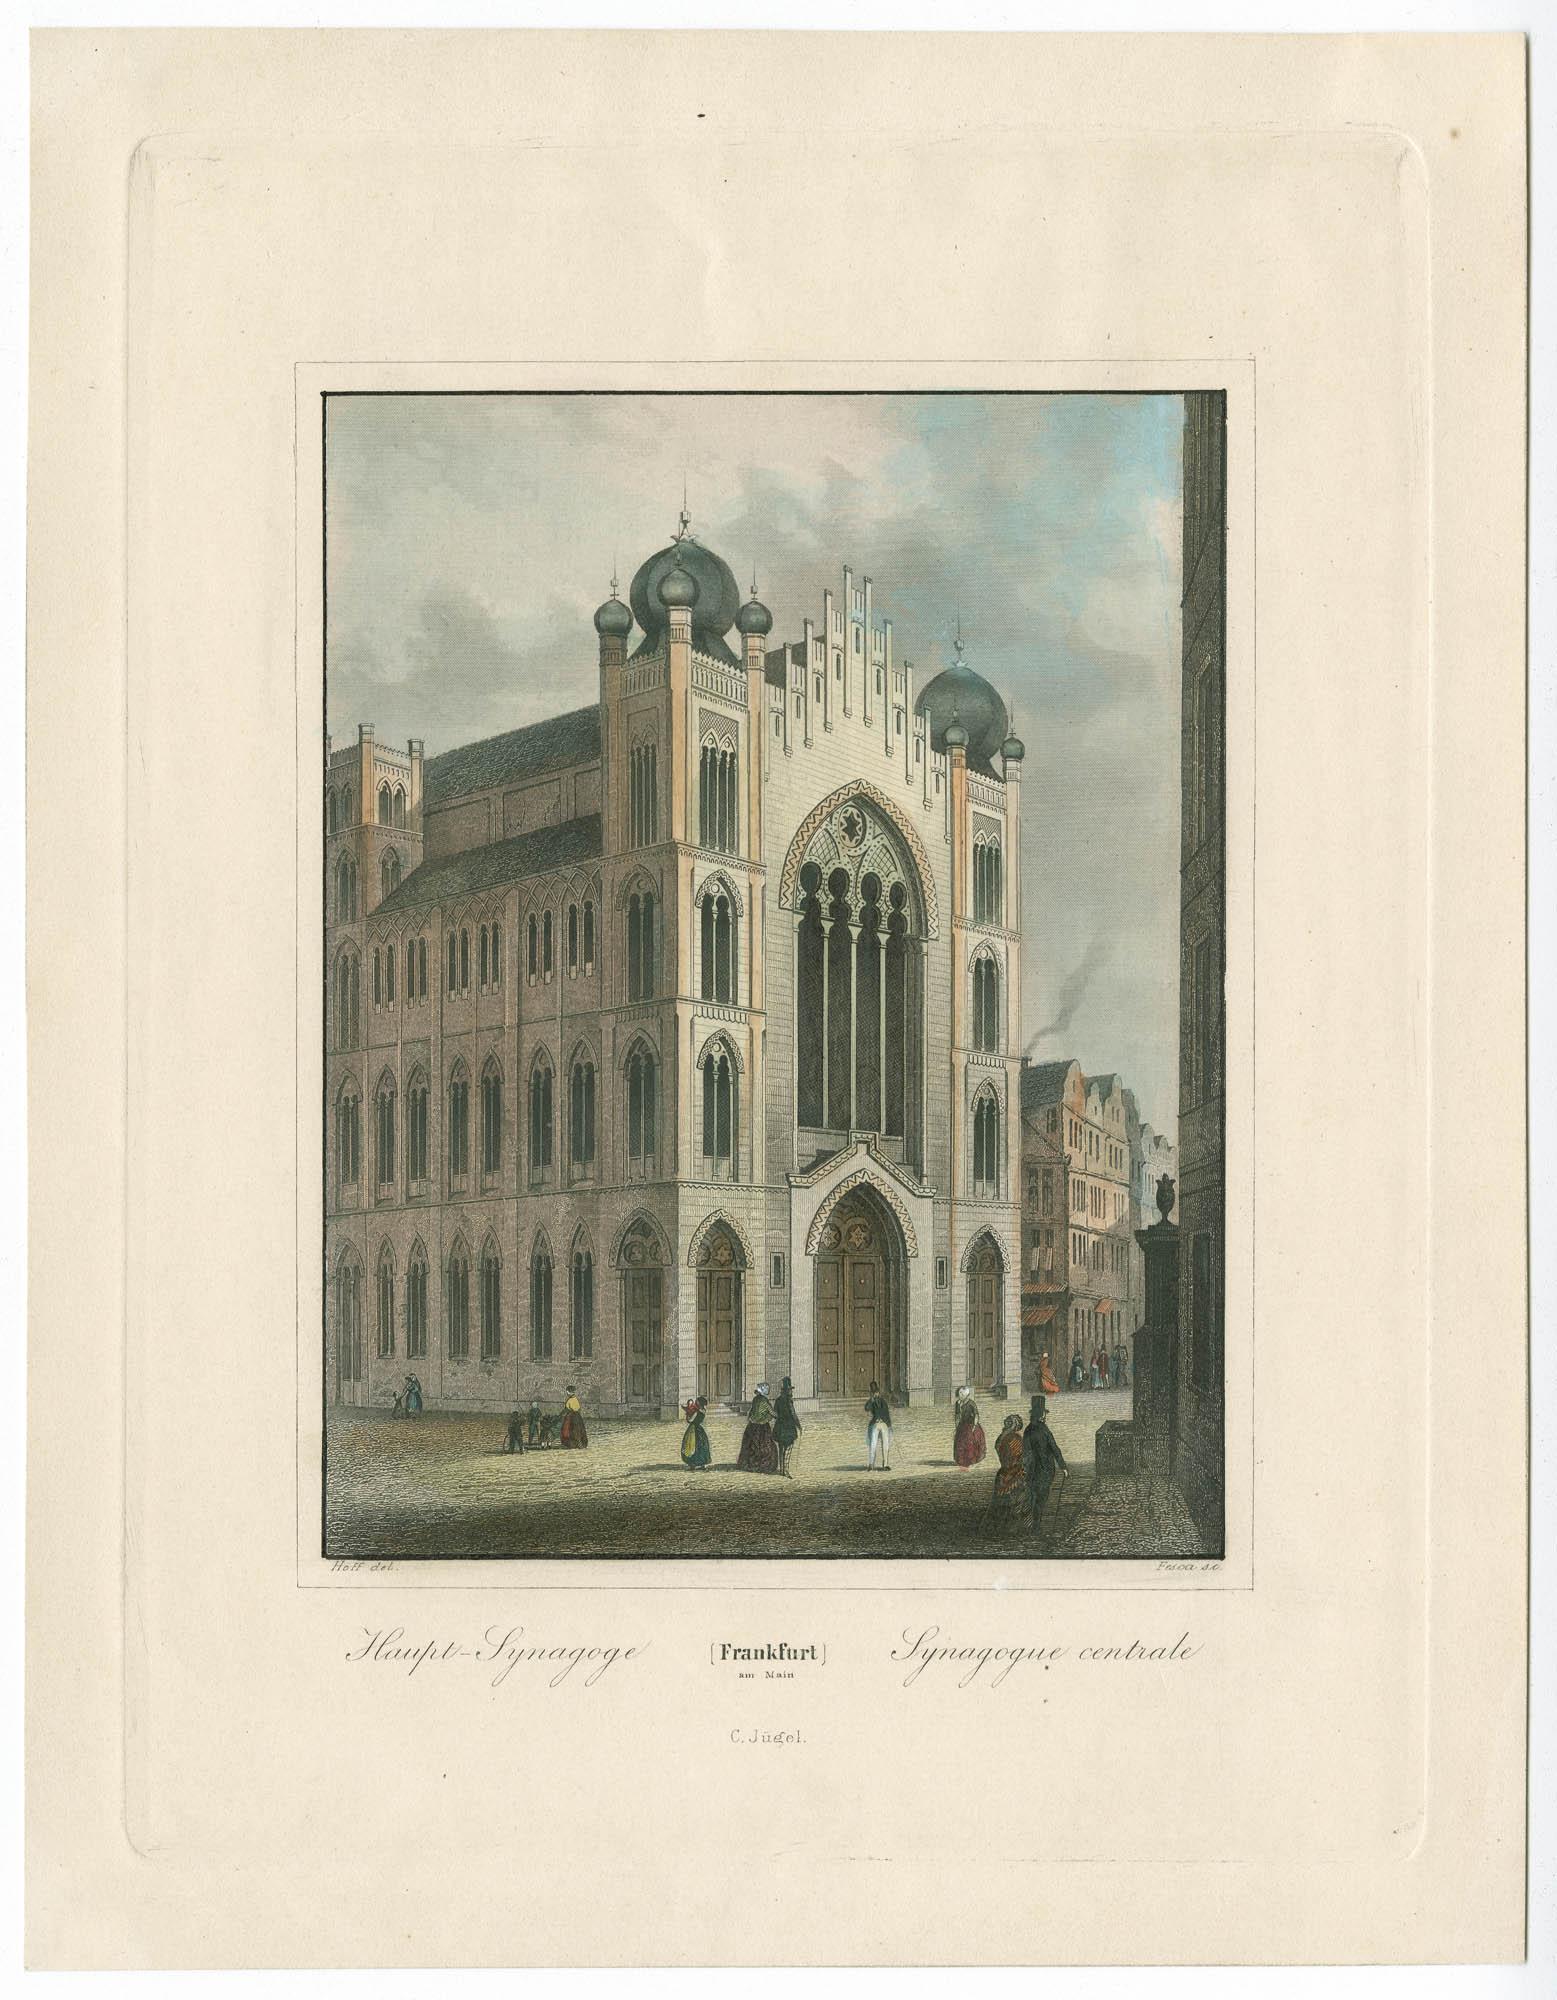 Frankfurt am Main. Haupt-Synagoge / Synagogue centrale